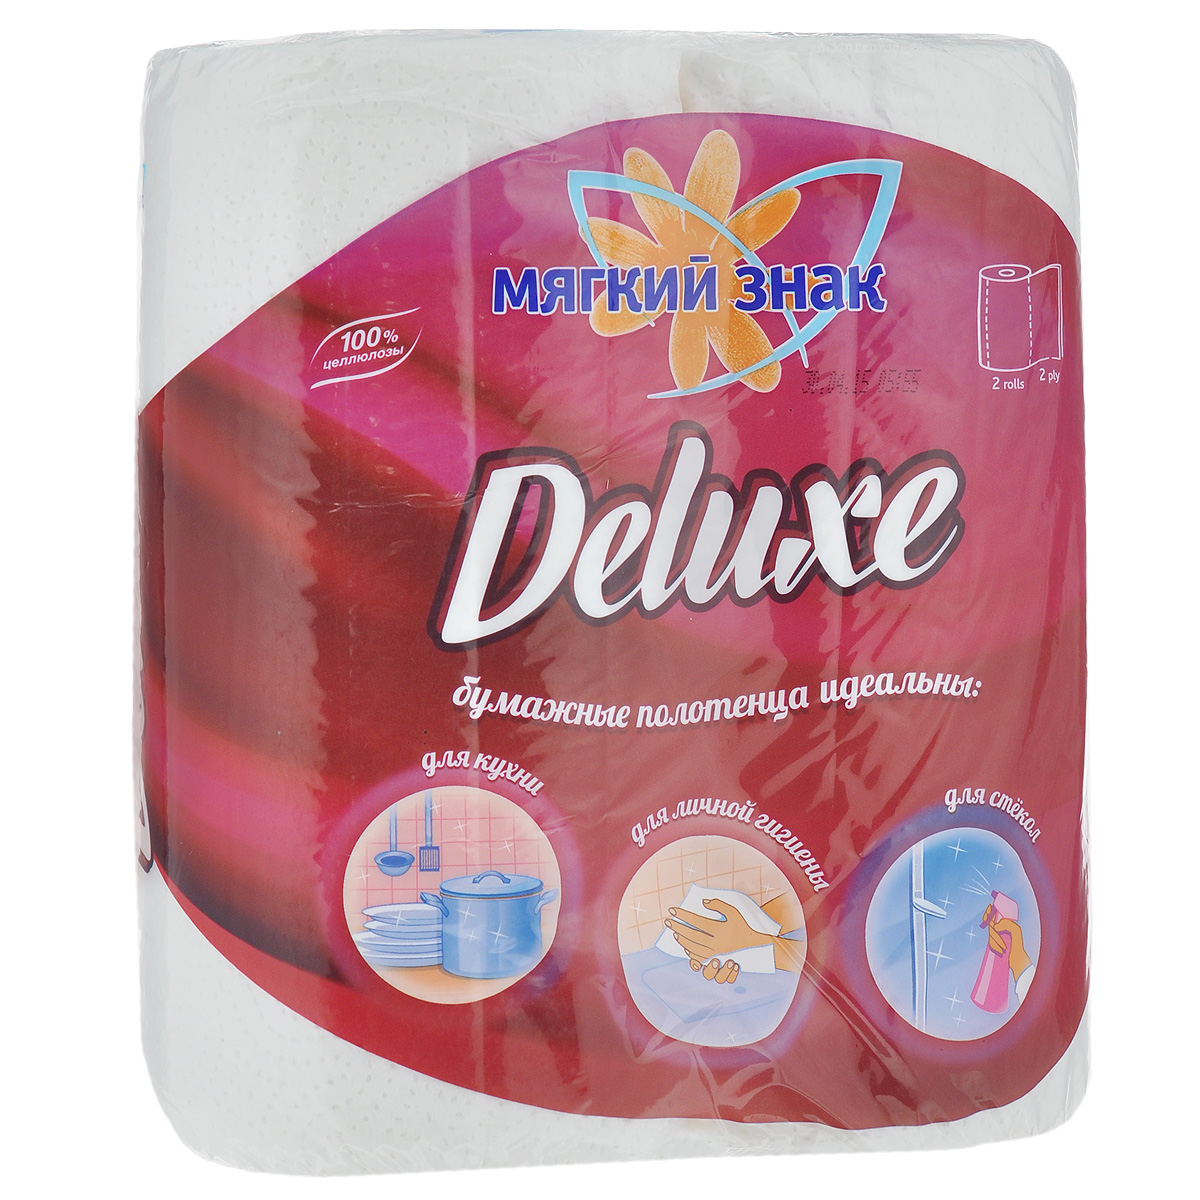 Полотенца бумажные Мягкий знак Deluxe, двухслойные, цвет: белый, 2 рулонаC40Бумажные полотенца Мягкий знак Deluxe созданы из экологически чистого волокна - 100% целлюлозы. Двухслойные. Хорошо впитывают влагу и идеально подходят для ежедневного использования.Количество листов: 48 шт. Количество слоев: 2. Размер листа: 25 см х 23 см. Состав: 100% целлюлоза.Уважаемые клиенты! Обращаем ваше внимание на то, что упаковка может иметь несколько видов дизайна. Поставка осуществляется в зависимости от наличия на складе.